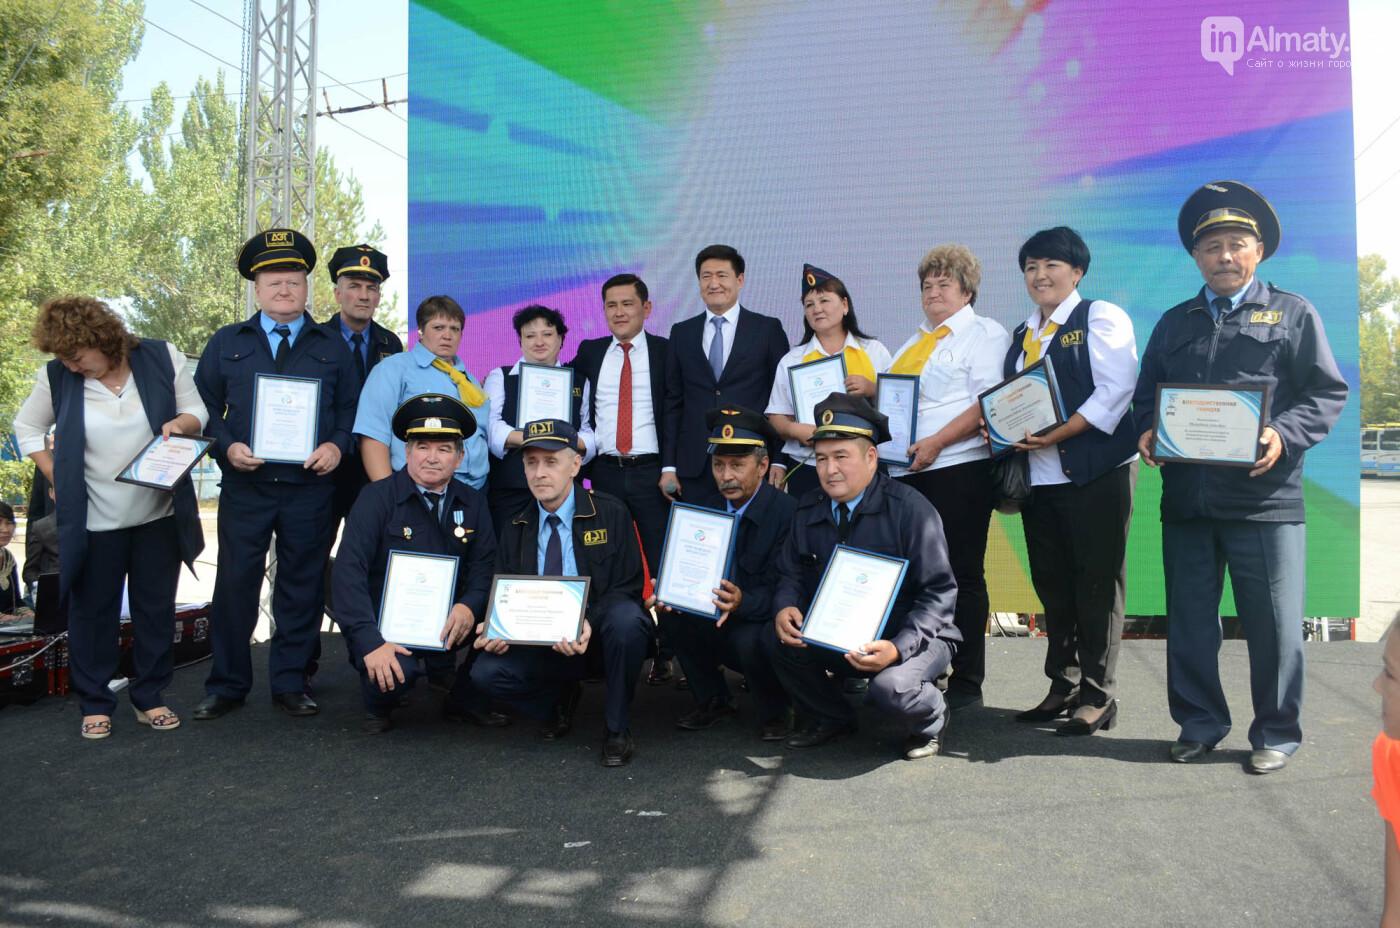 Юбилей троллейбуса отметили в Алматы (фото), фото-3